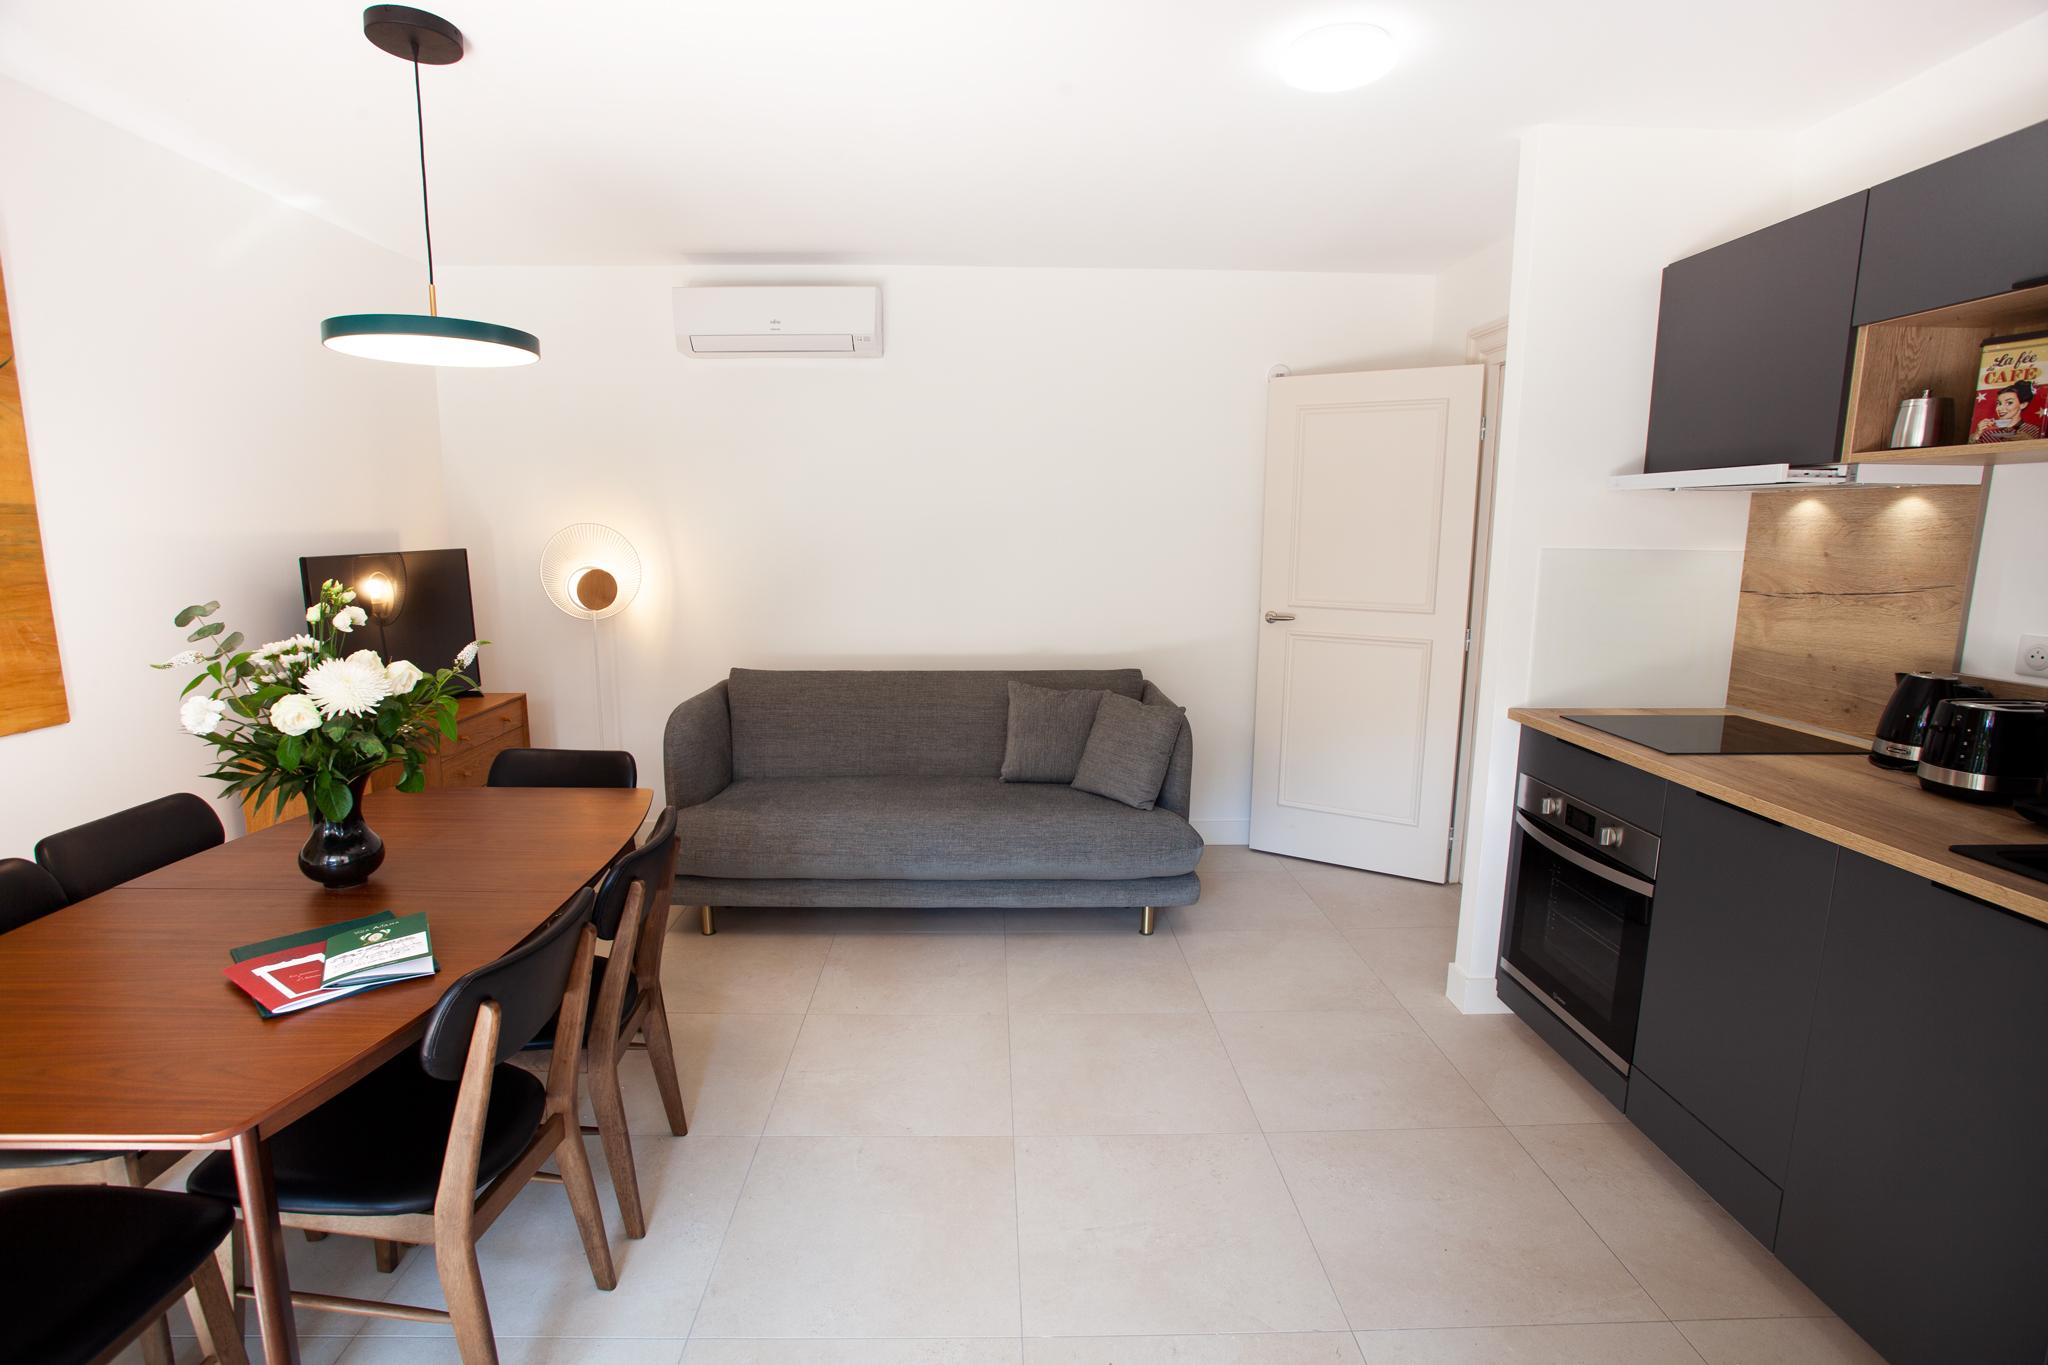 chambre du 3 pièces côté jardin, appartement PMR (Personne à Mobilité Réduite)